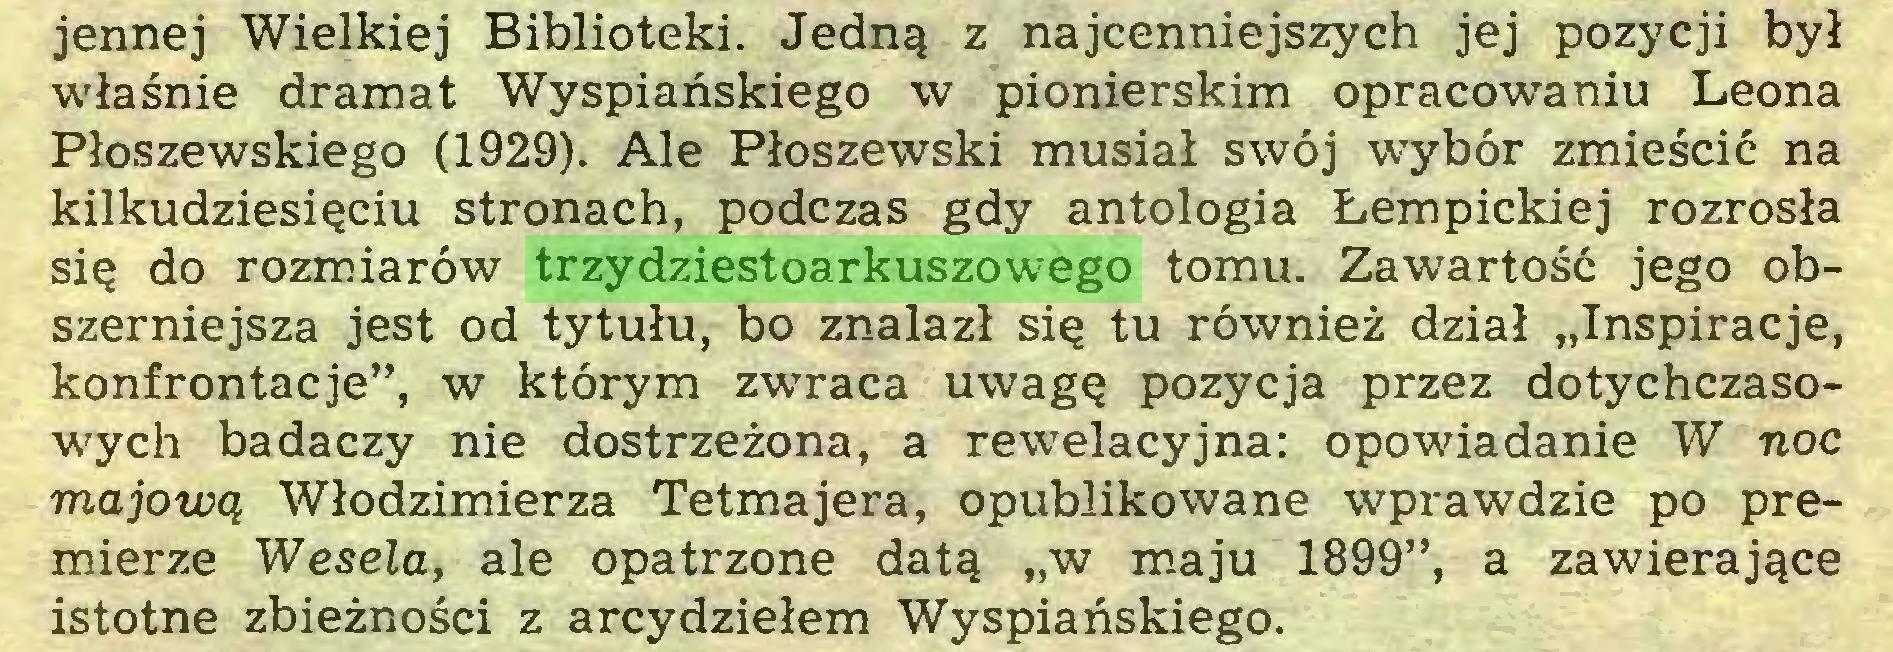 """(...) jennej Wielkiej Biblioteki. Jedną z najcenniejszych jej pozycji był właśnie dramat Wyspiańskiego w pionierskim opracowaniu Leona Płoszewskiego (1929). Ale Płoszewski musiał swój wybór zmieścić na kilkudziesięciu stronach, podczas gdy antologia Łempickiej rozrosła się do rozmiarów trzydziestoarkuszowego tomu. Zawartość jego obszerniejsza jest od tytułu, bo znalazł się tu również dział """"Inspiracje, konfrontacje"""", w którym zwraca uwagę pozycja przez dotychczasowych badaczy nie dostrzeżona, a rewelacyjna: opowiadanie W noc majową Włodzimierza Tetmajera, opublikowane wprawdzie po premierze Wesela, ale opatrzone datą """"w maju 1899"""", a zawierające istotne zbieżności z arcydziełem Wyspiańskiego..."""